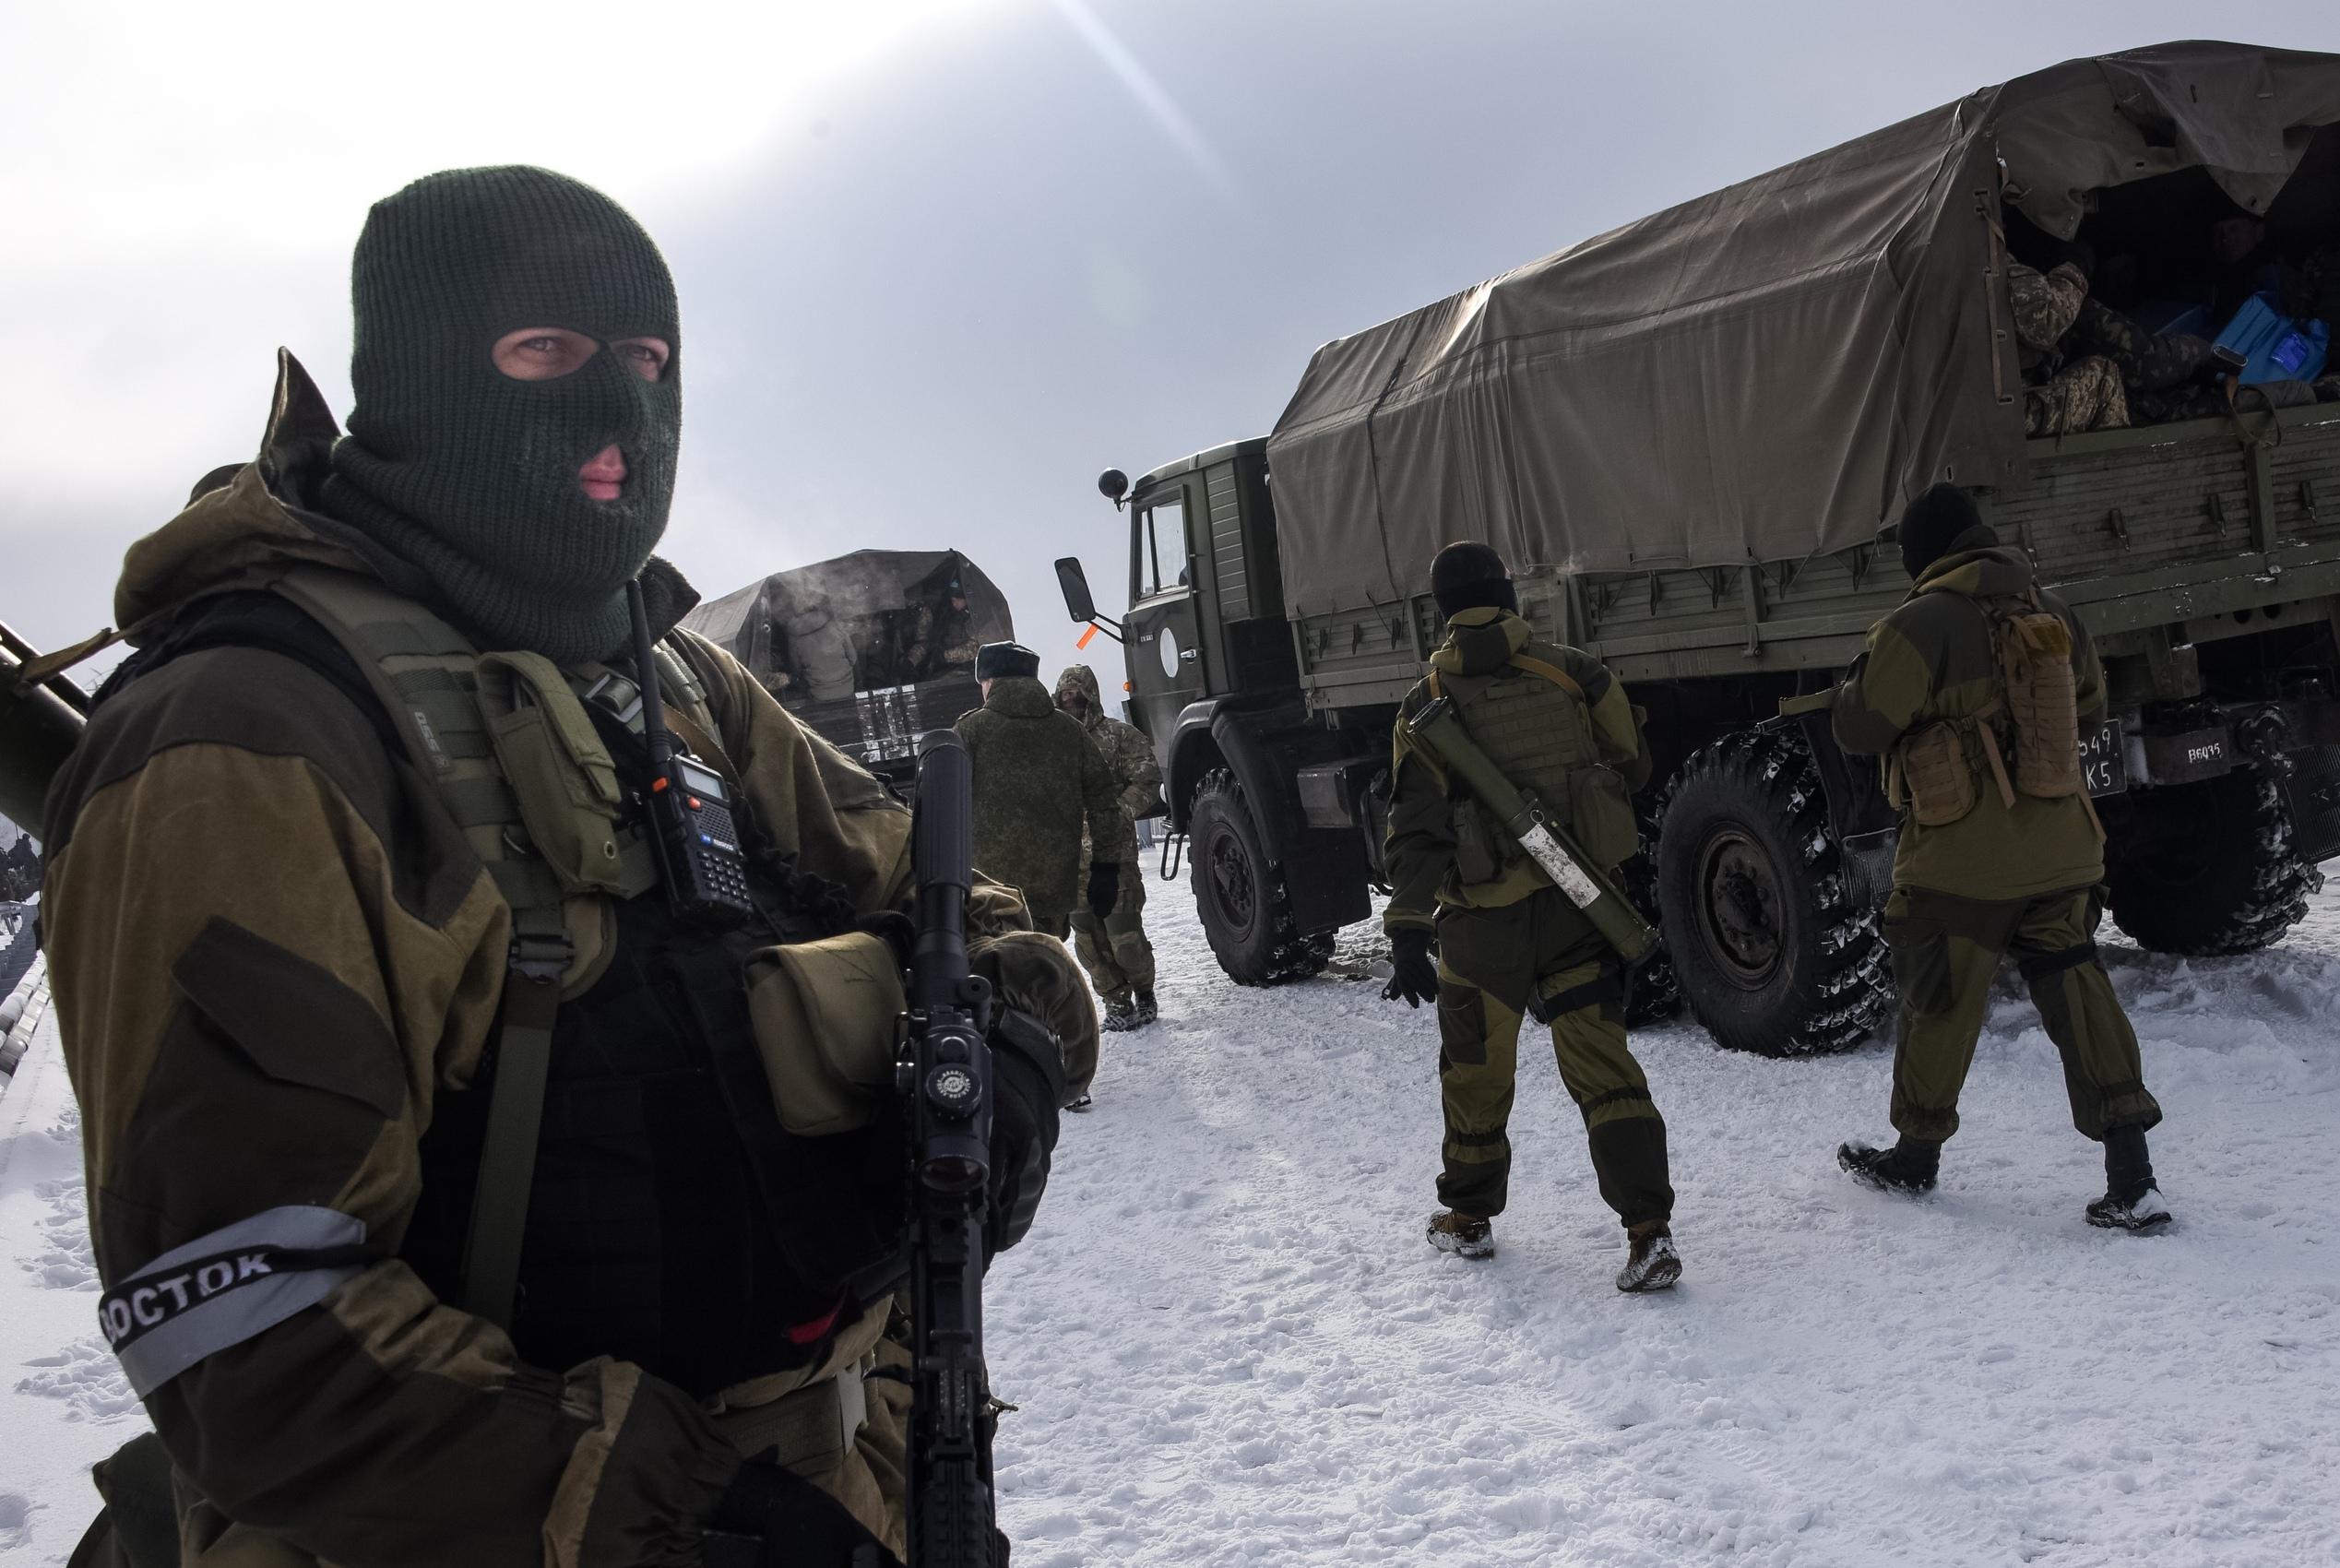 Оккупанты РФ накалили ситуацию в семи районах Донбасса огнем 122-мм артиллерии и ПТРК - подробности боев